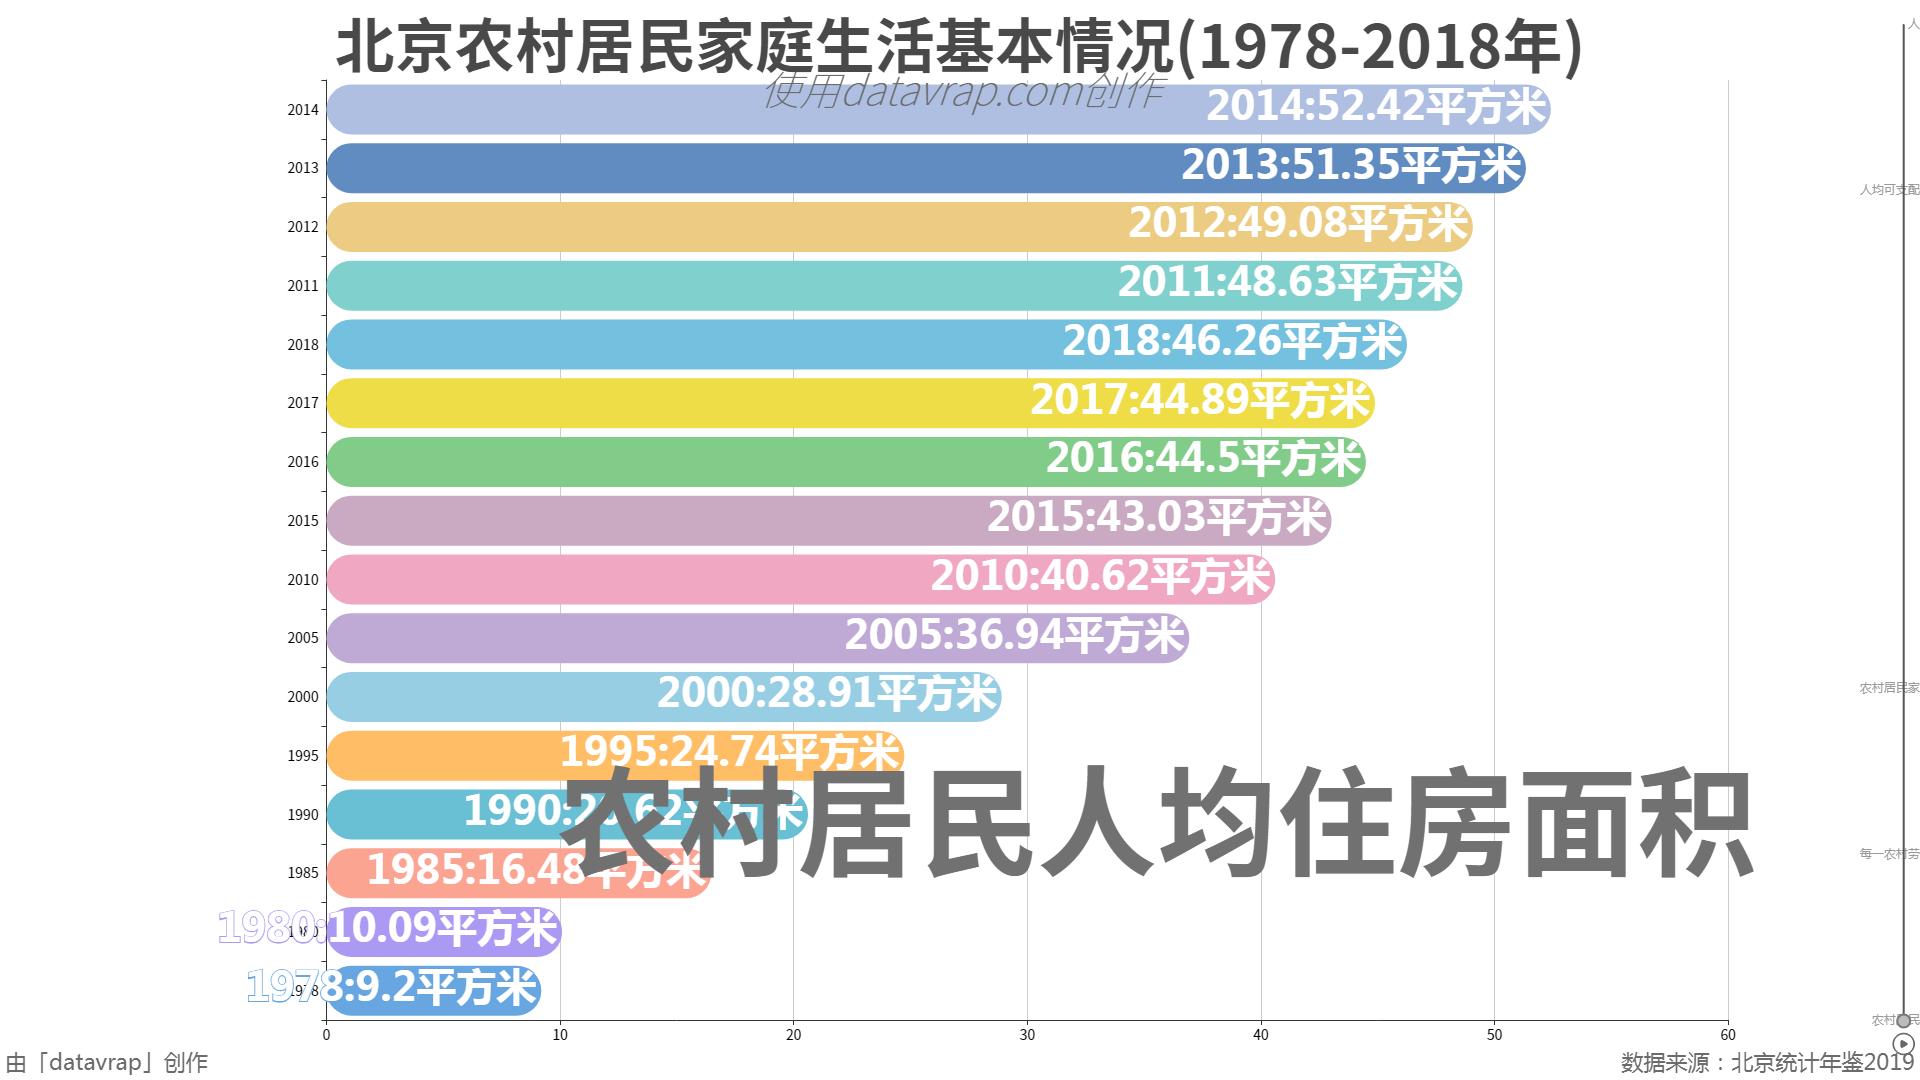 北京农村居民家庭生活基本情况(1978-2018年)